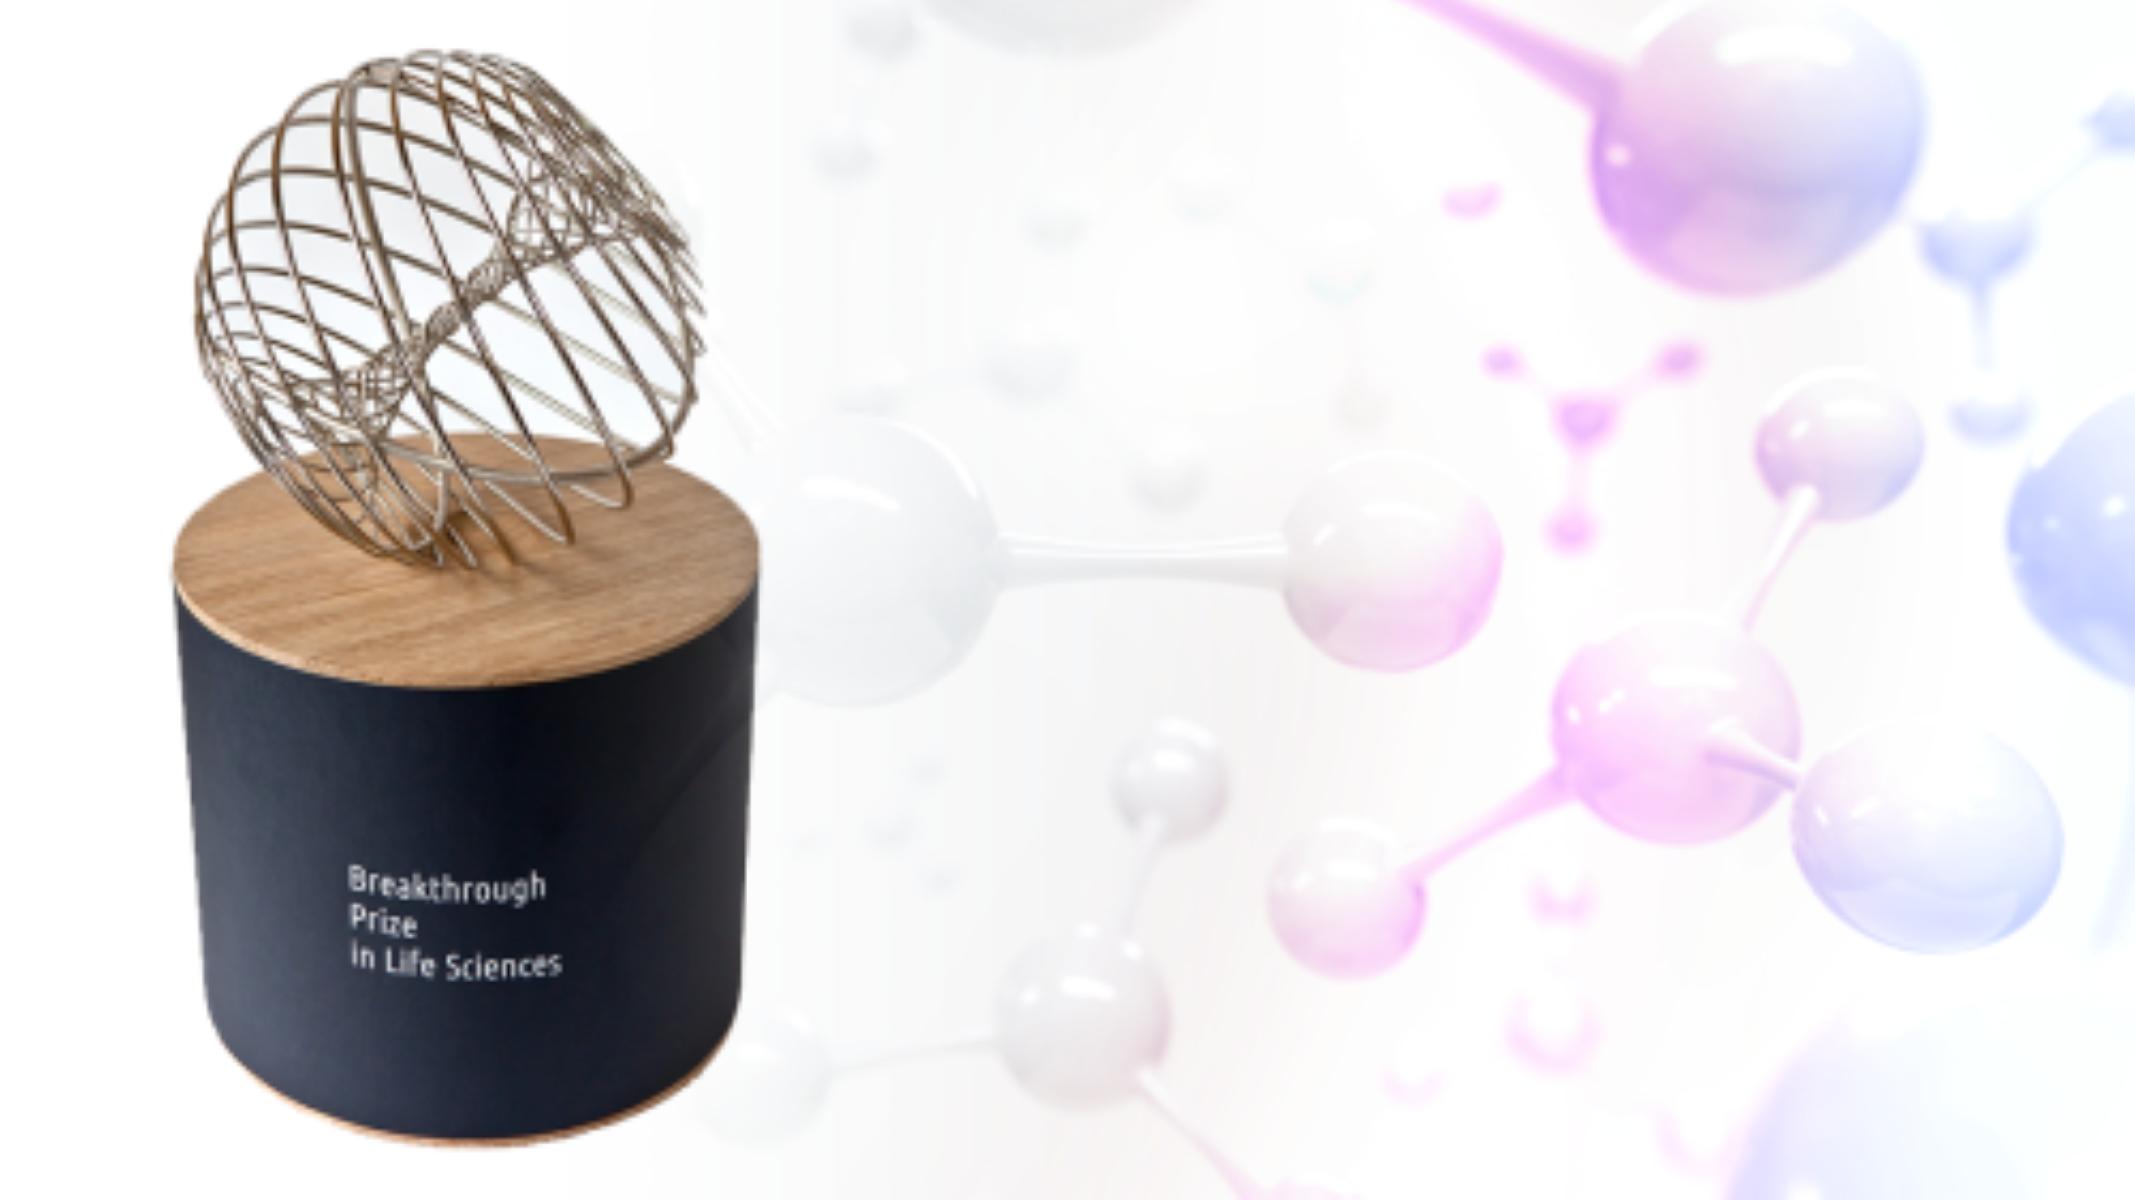 Διεθνή Βραβεία Breakthrough 2022 : Κέρδισαν τα καινοτόμα επιστημονικά επιτεύγματα για COVID-19